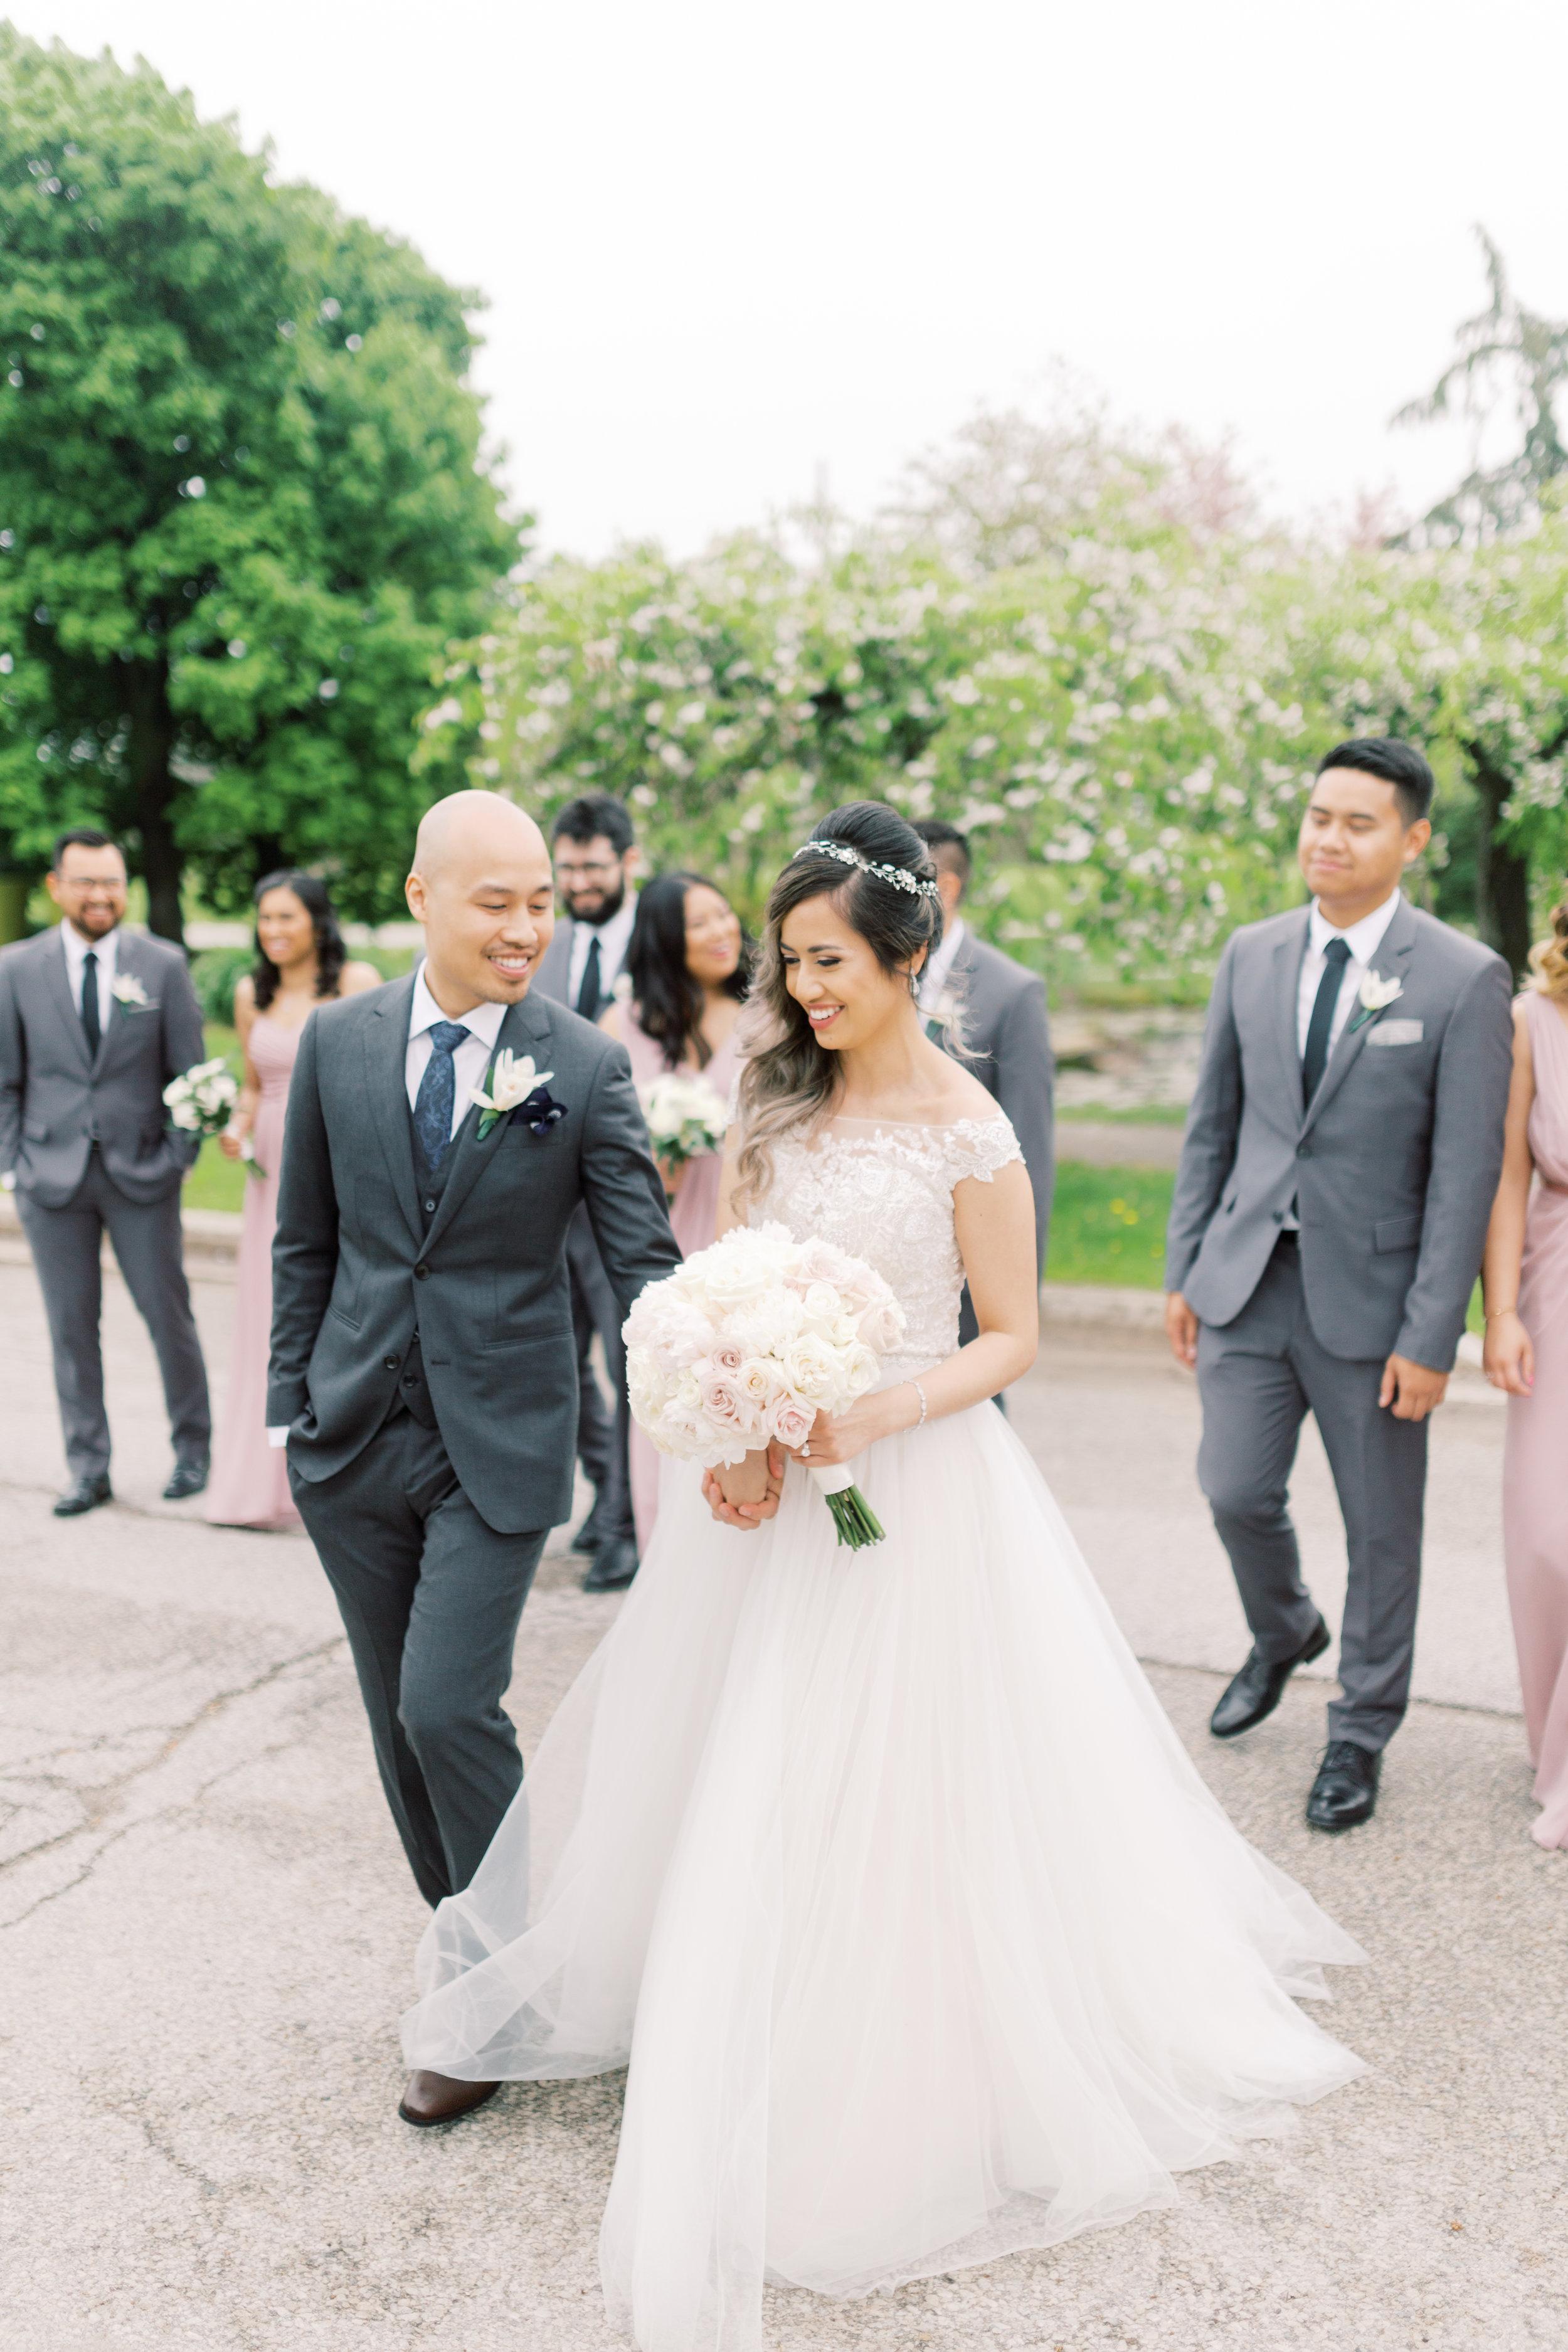 Millenium Gardens Centennial Conservatory Park Wedding-3231.jpg